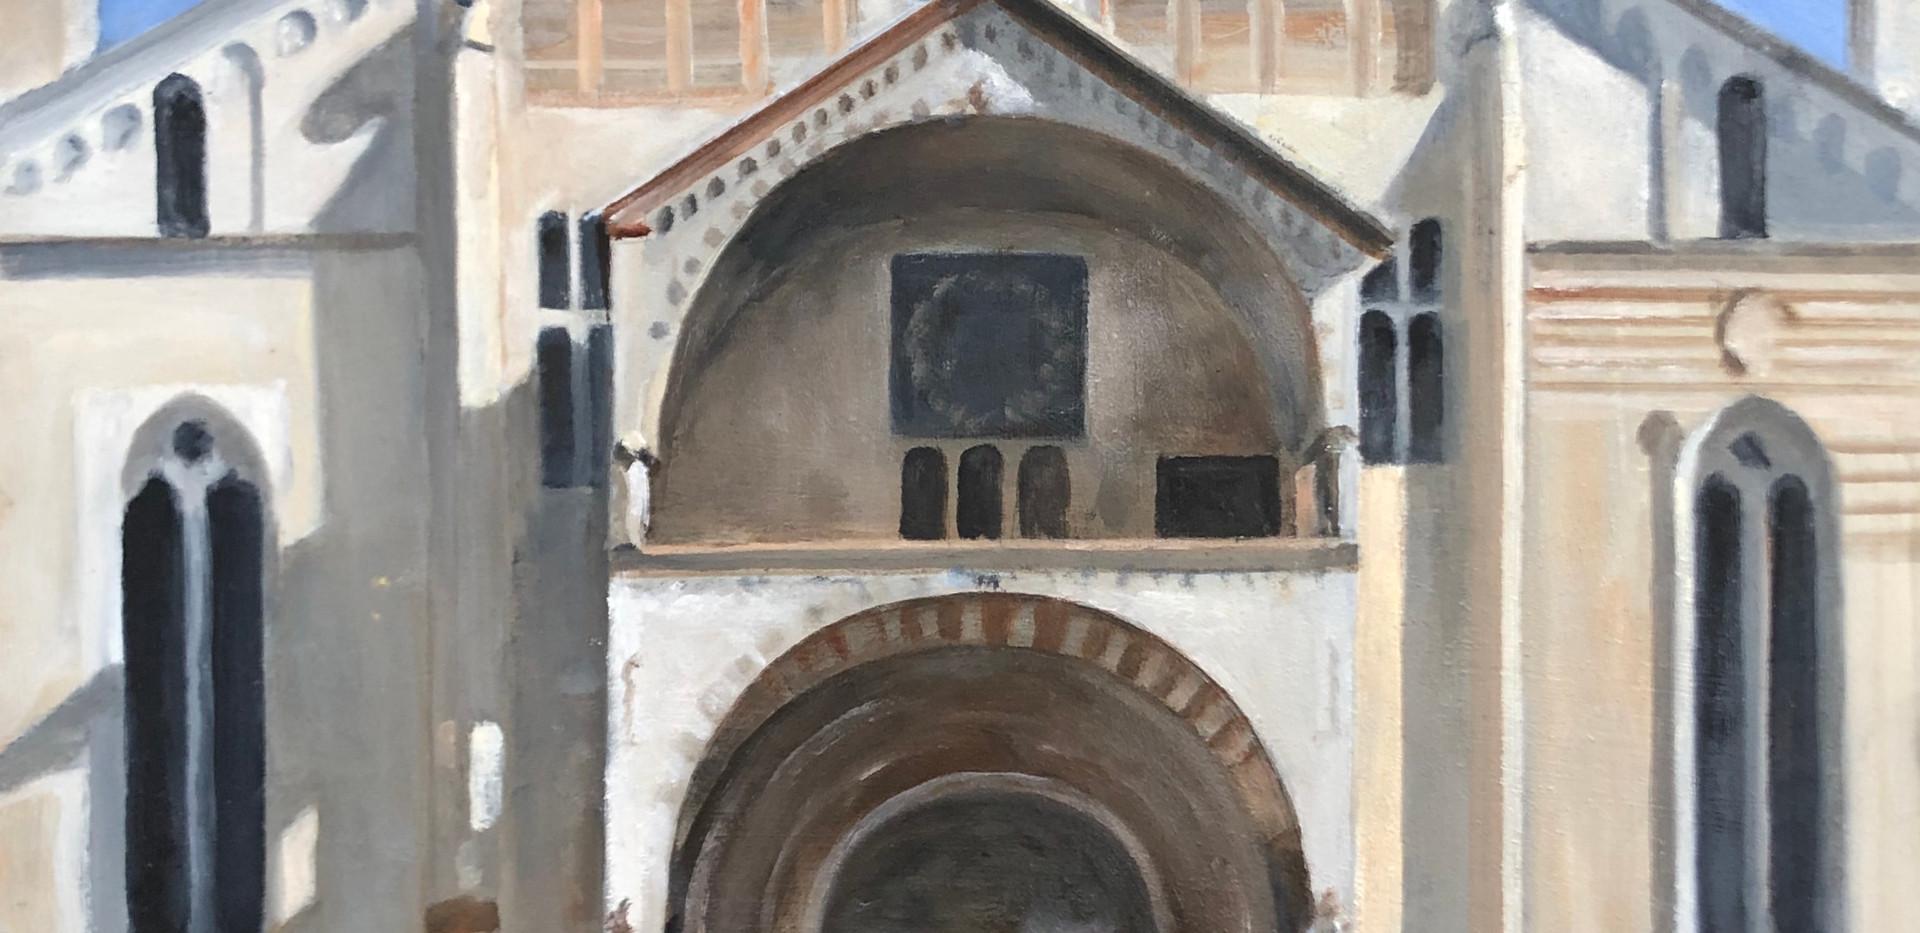 Verona - the duomo